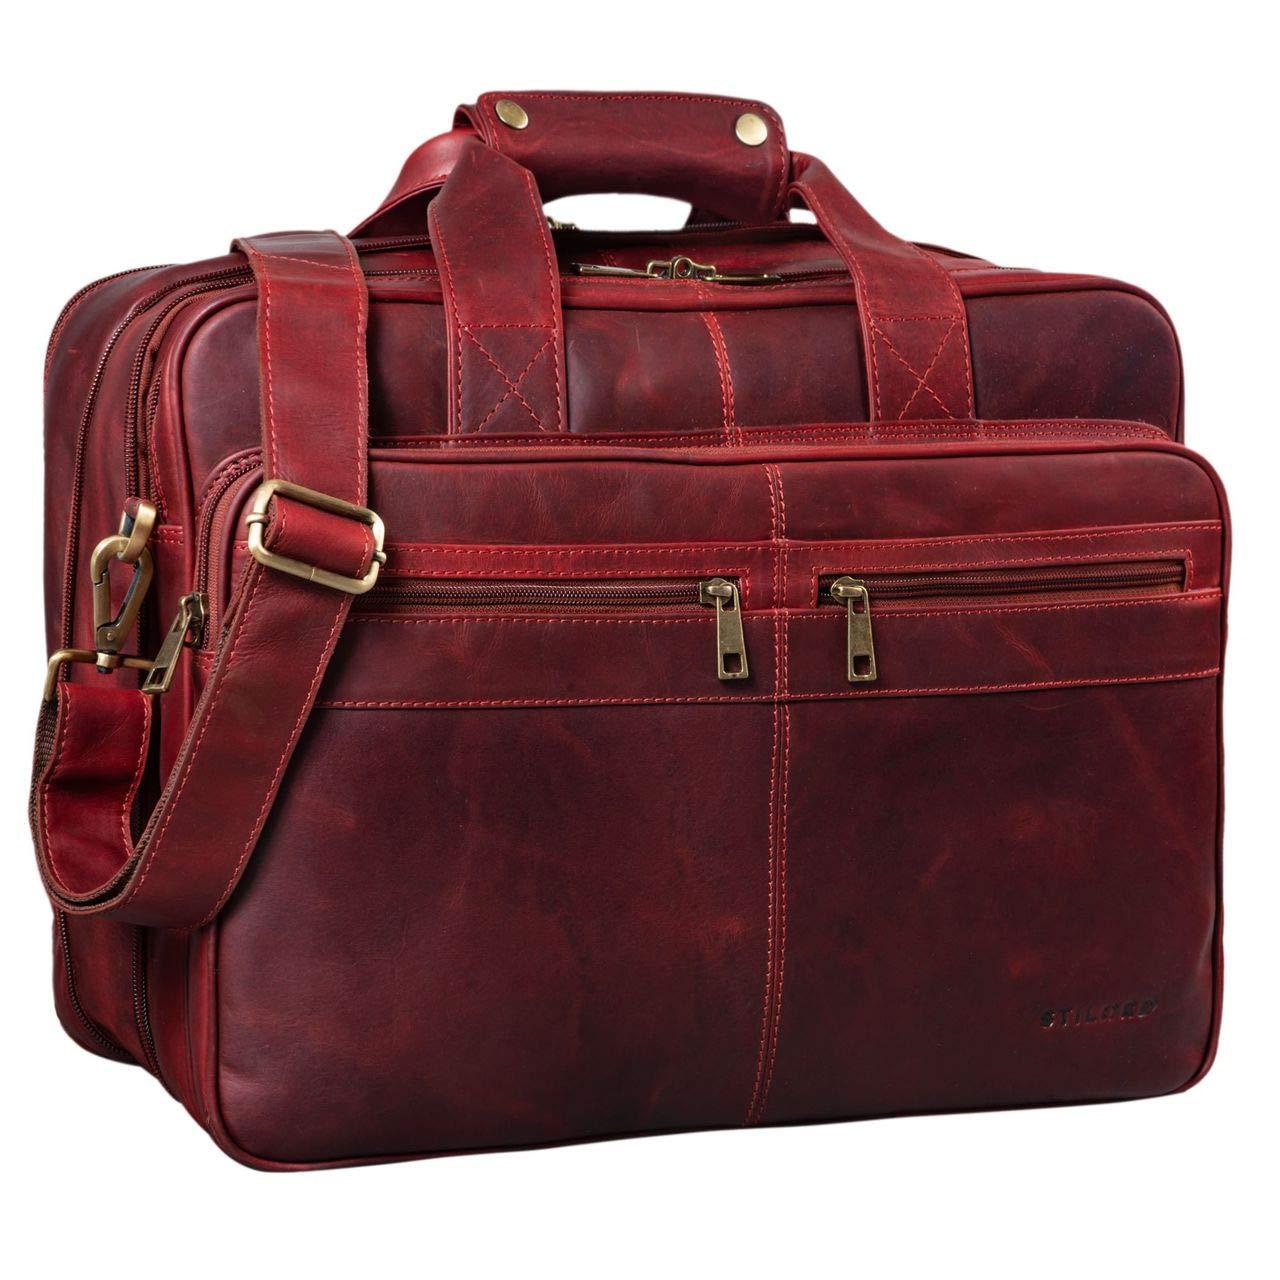 STILORD 'Alexander' Lehrertasche Herren Leder braun Aktentasche Laptoptasche Bürotasche Businesstasche Vintage groß XXL Umhängetasche mit Dreifachtrenner, Farbe:Rosso